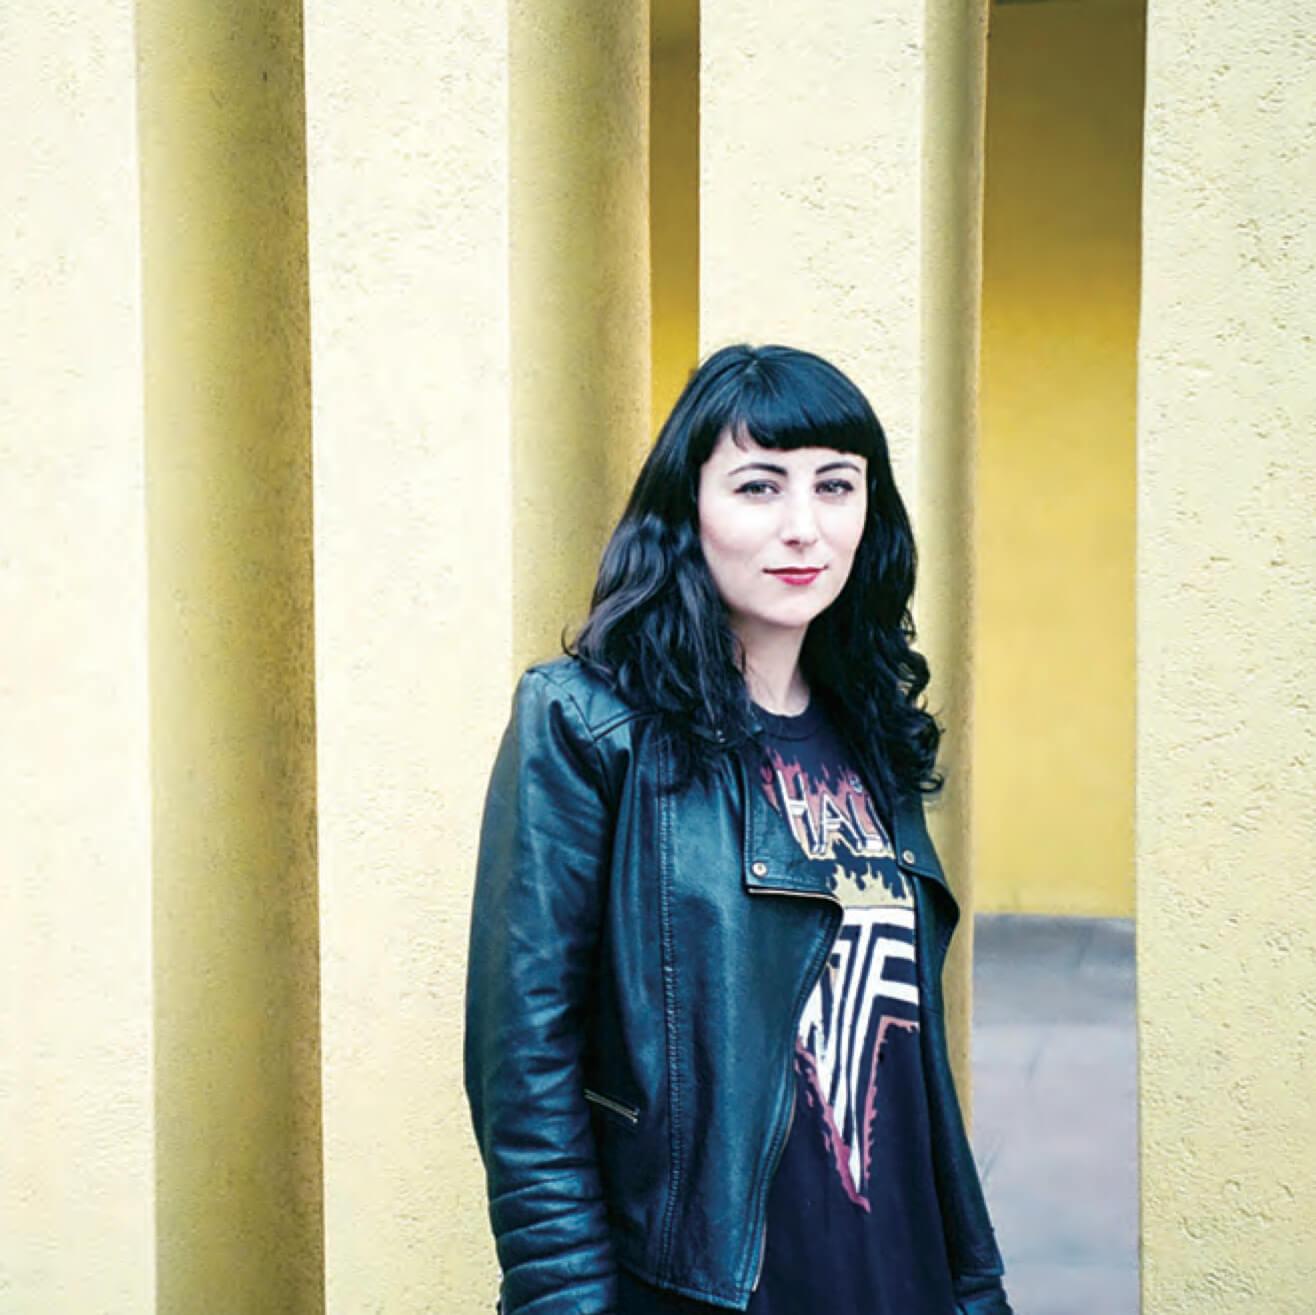 Emmanuelle Rienda, founder of Vegan Fashion Week